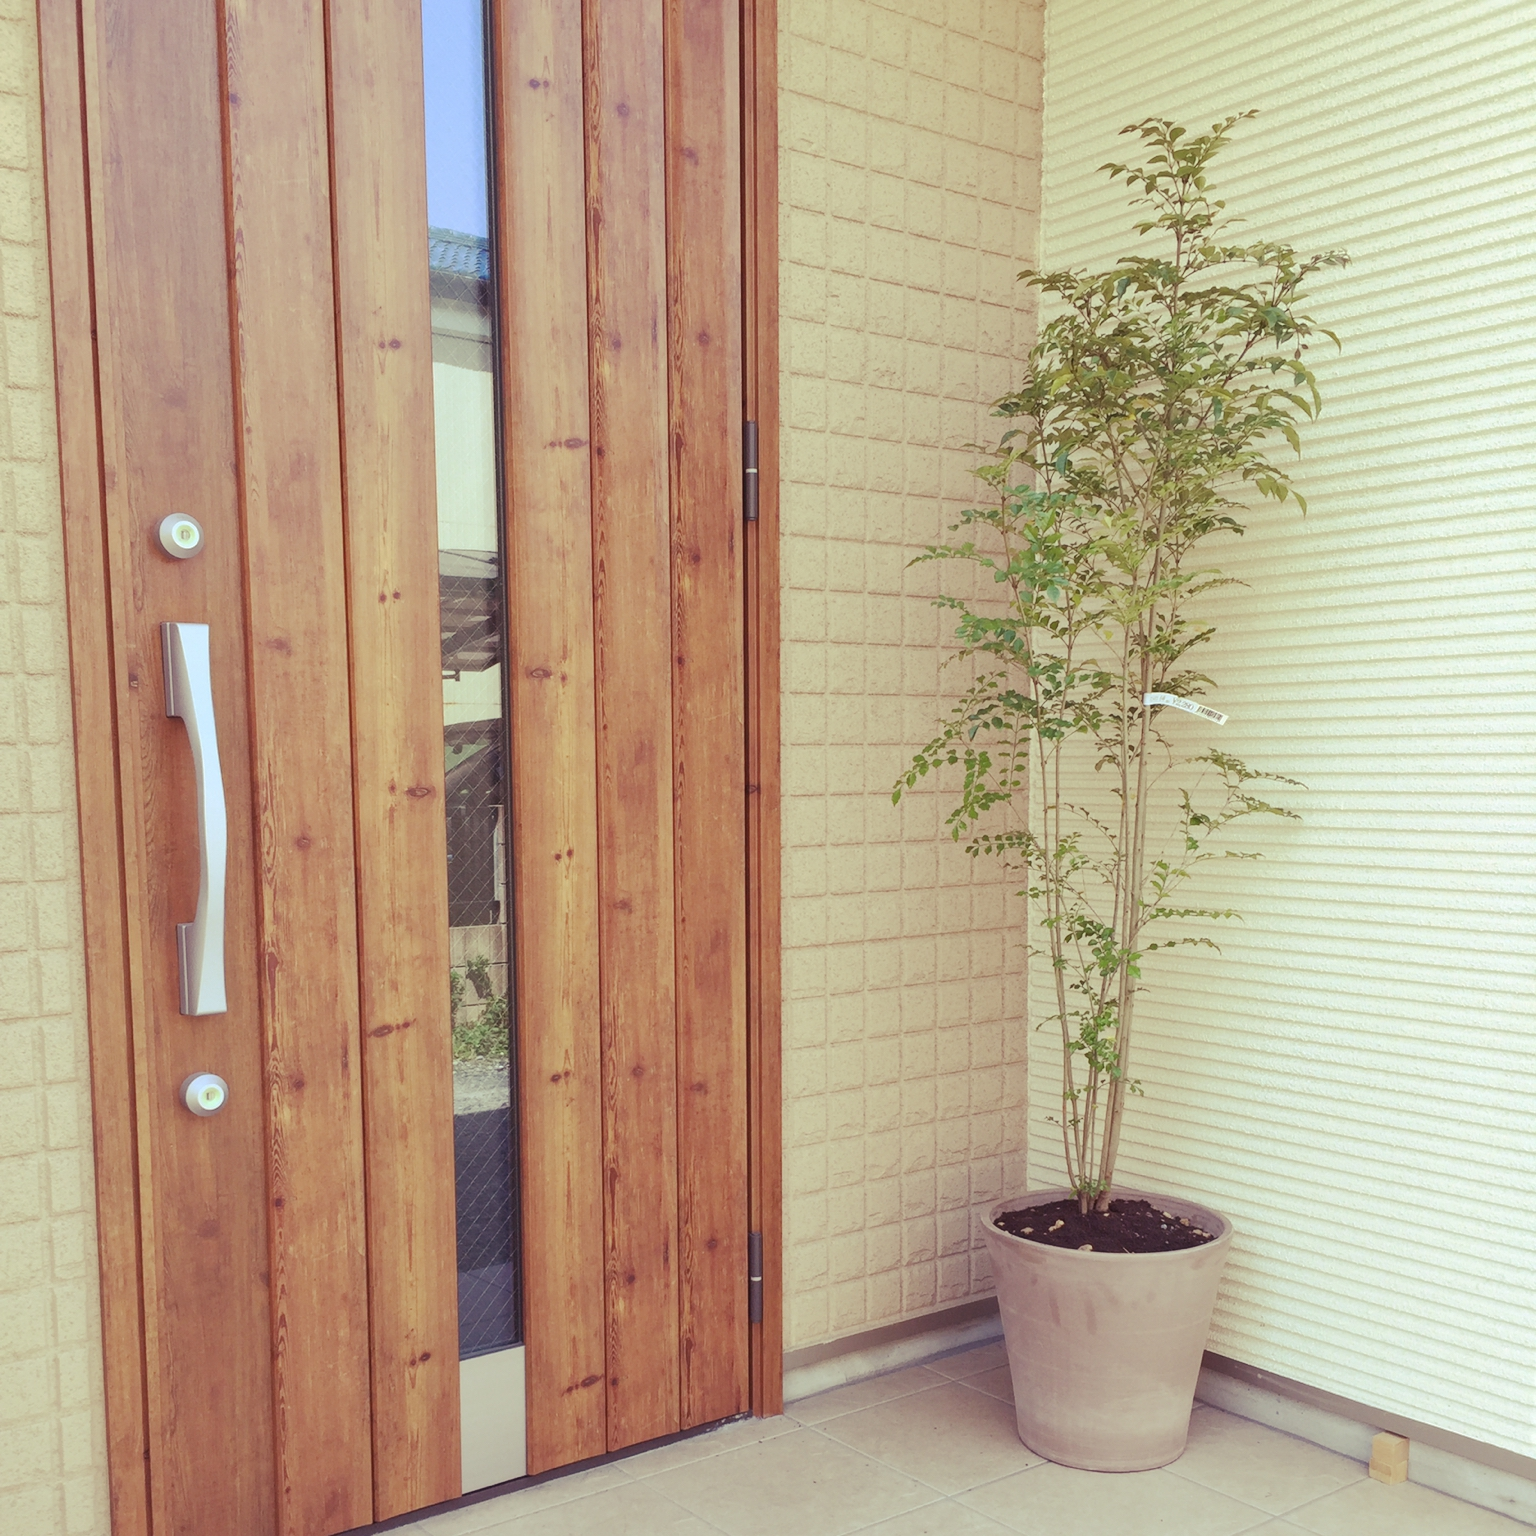 シマチュウのシマトネリコの木2,280円